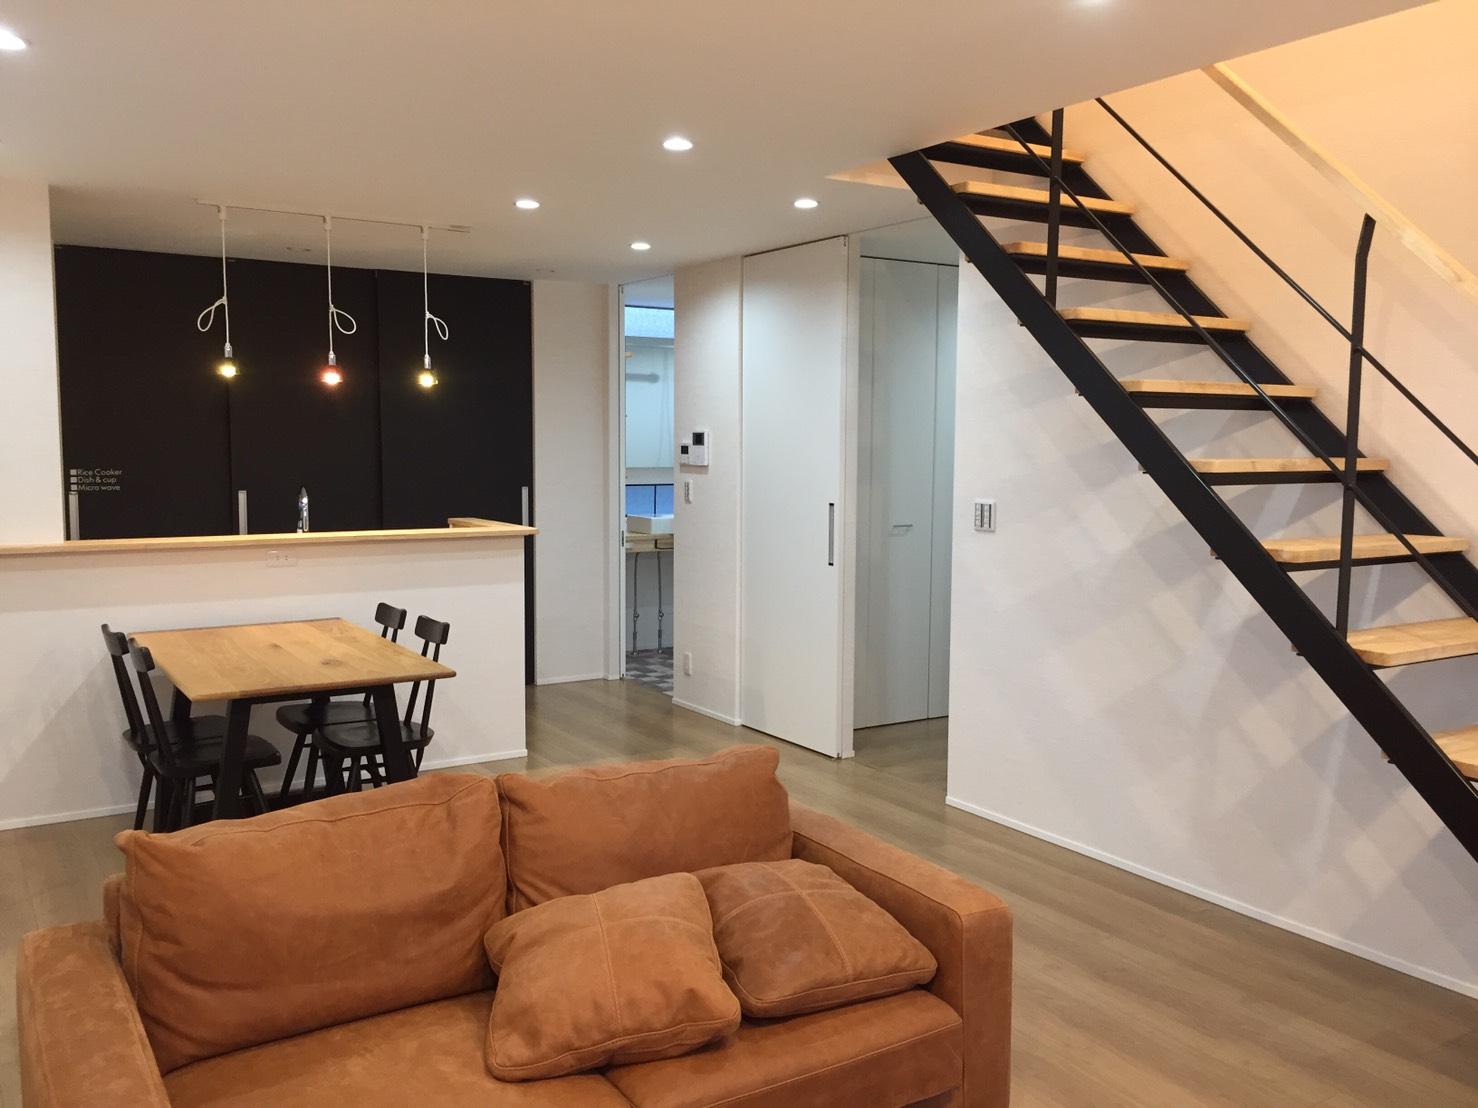 イマイホーム 「岐阜のシンプルでおしゃれなお家」